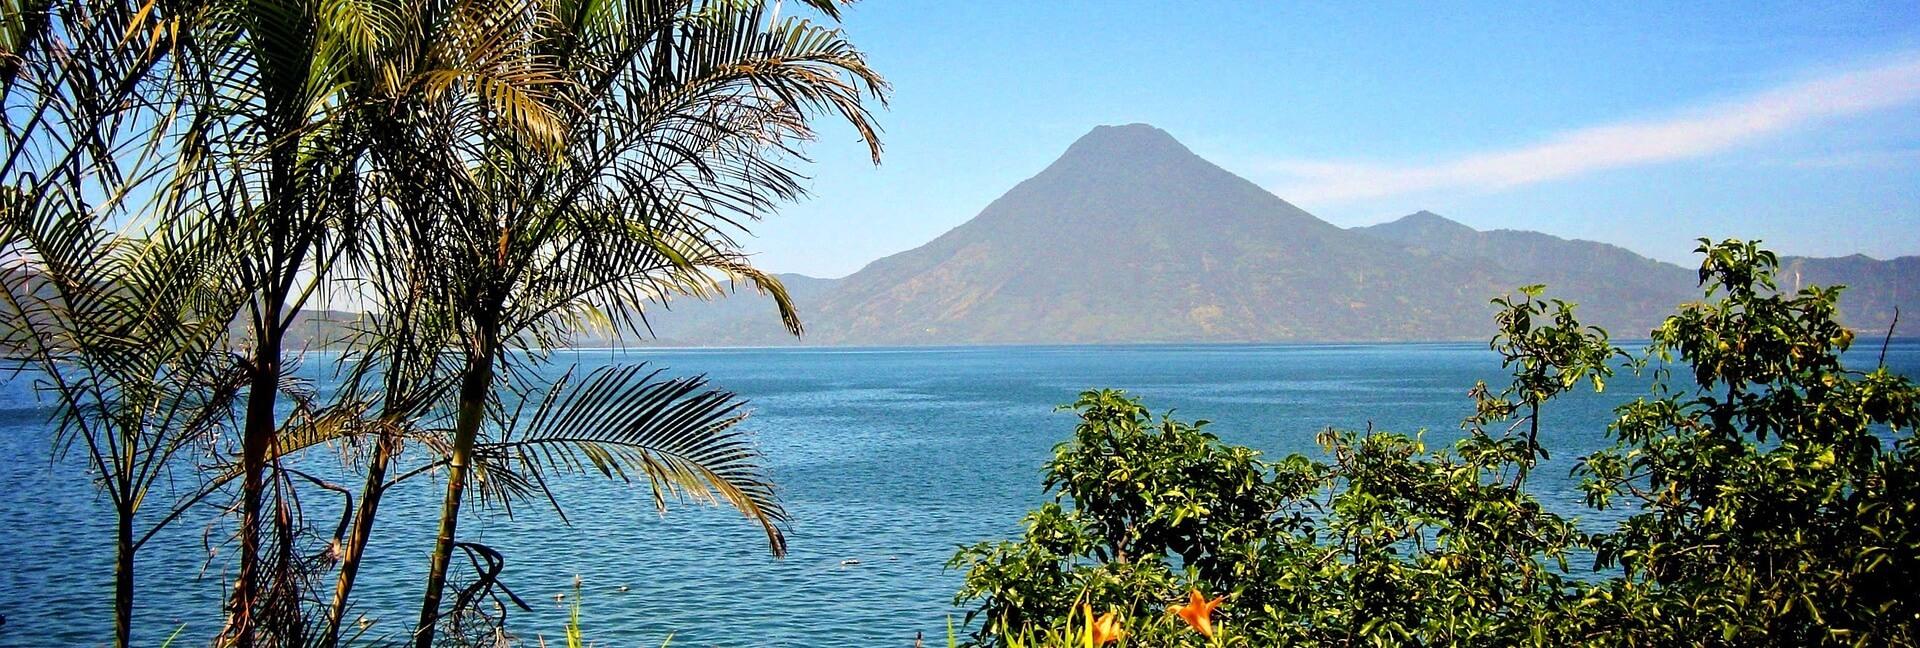 Reise durch Mexiko, Guatemala und Belize